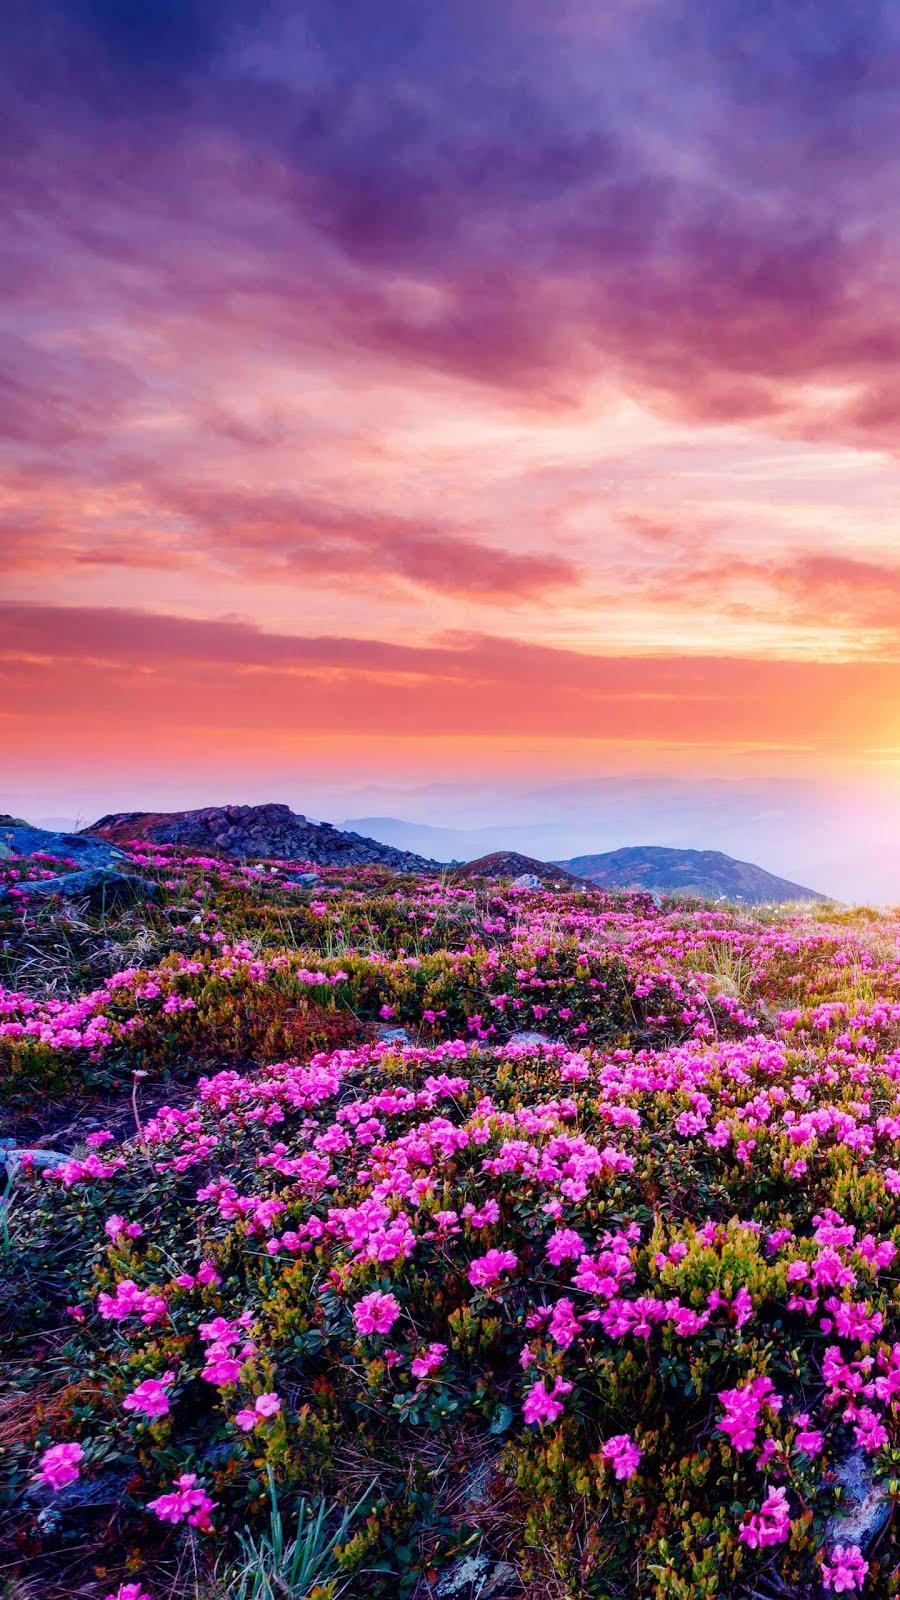 Pembe gökyüzü ve pembe çiçekler